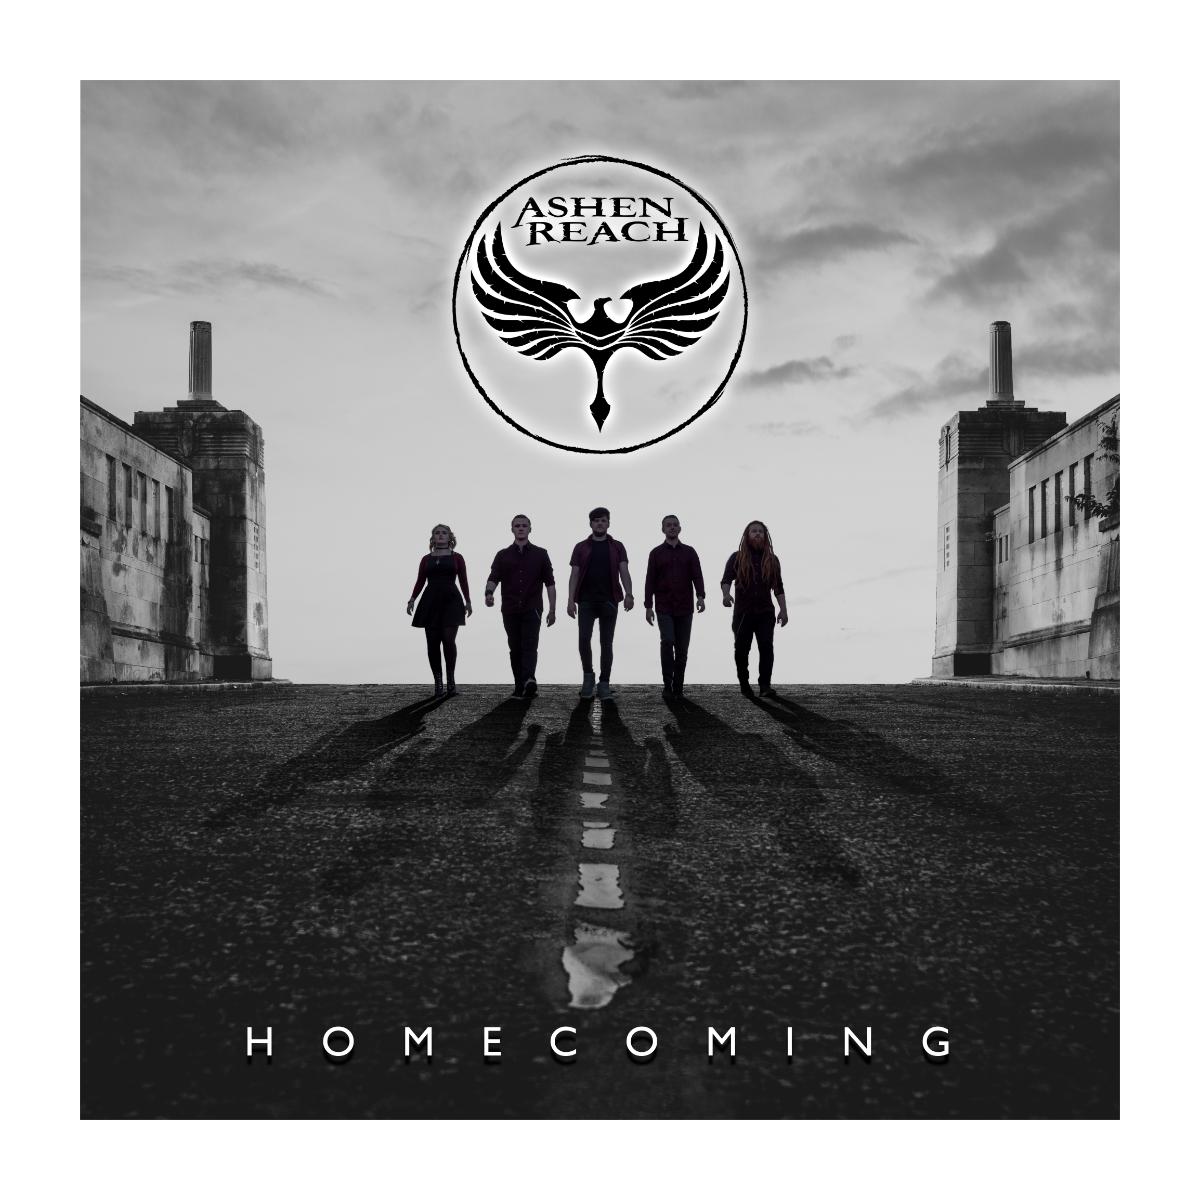 Music CD - Homecoming